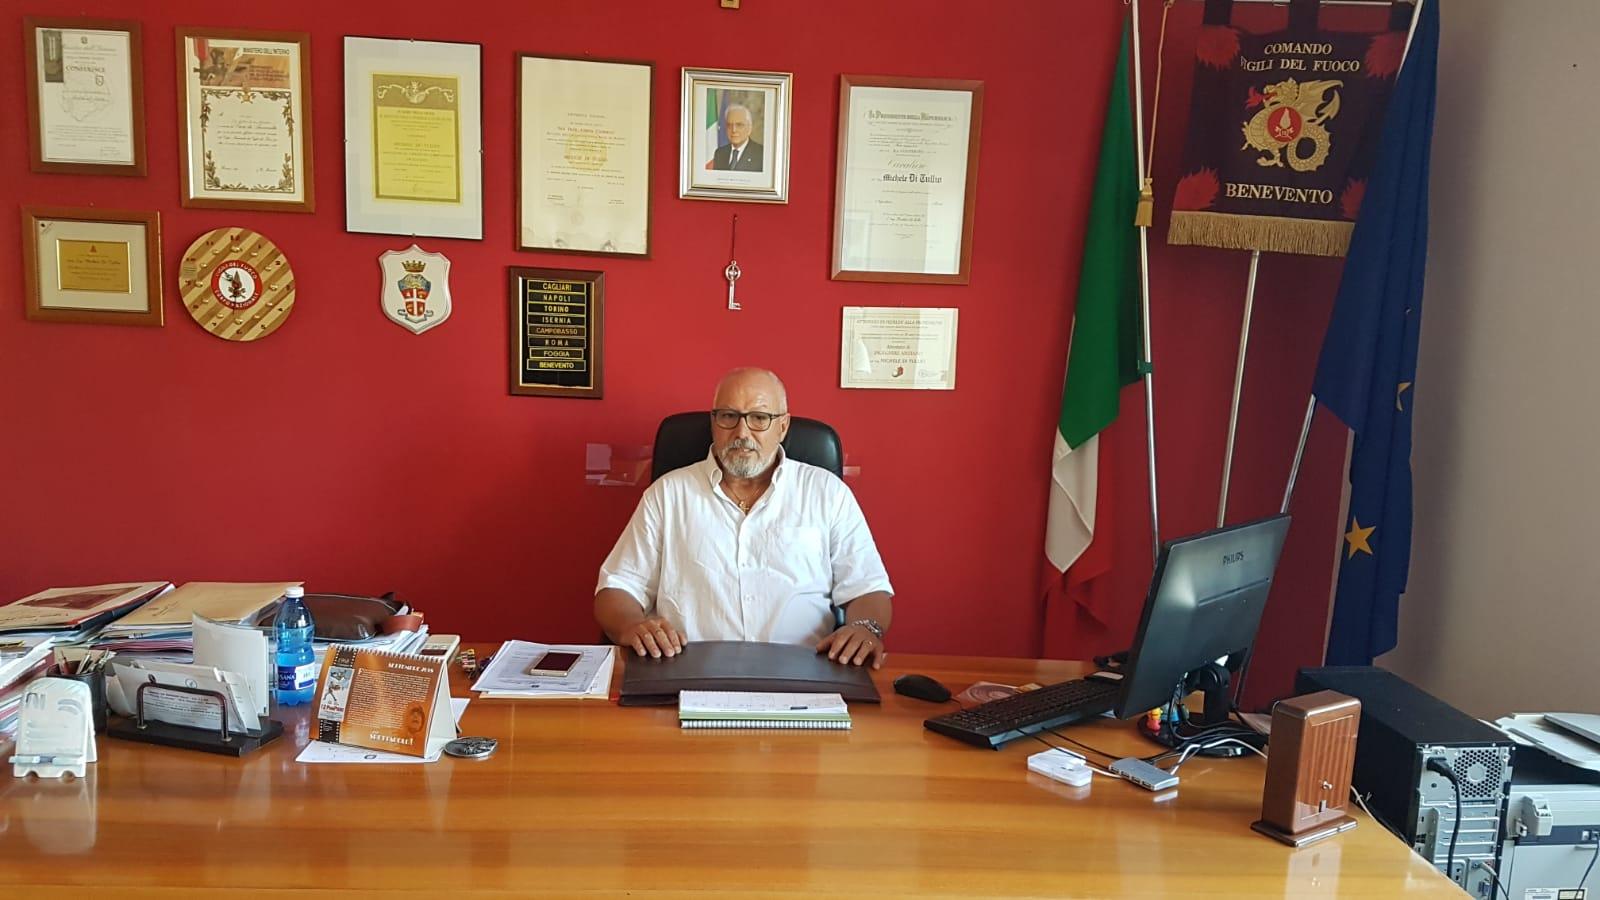 """Vigili del Fuoco, Di Tullio saluta: """"Dall'alluvione allo Stir, porto via tanti ricordi"""""""